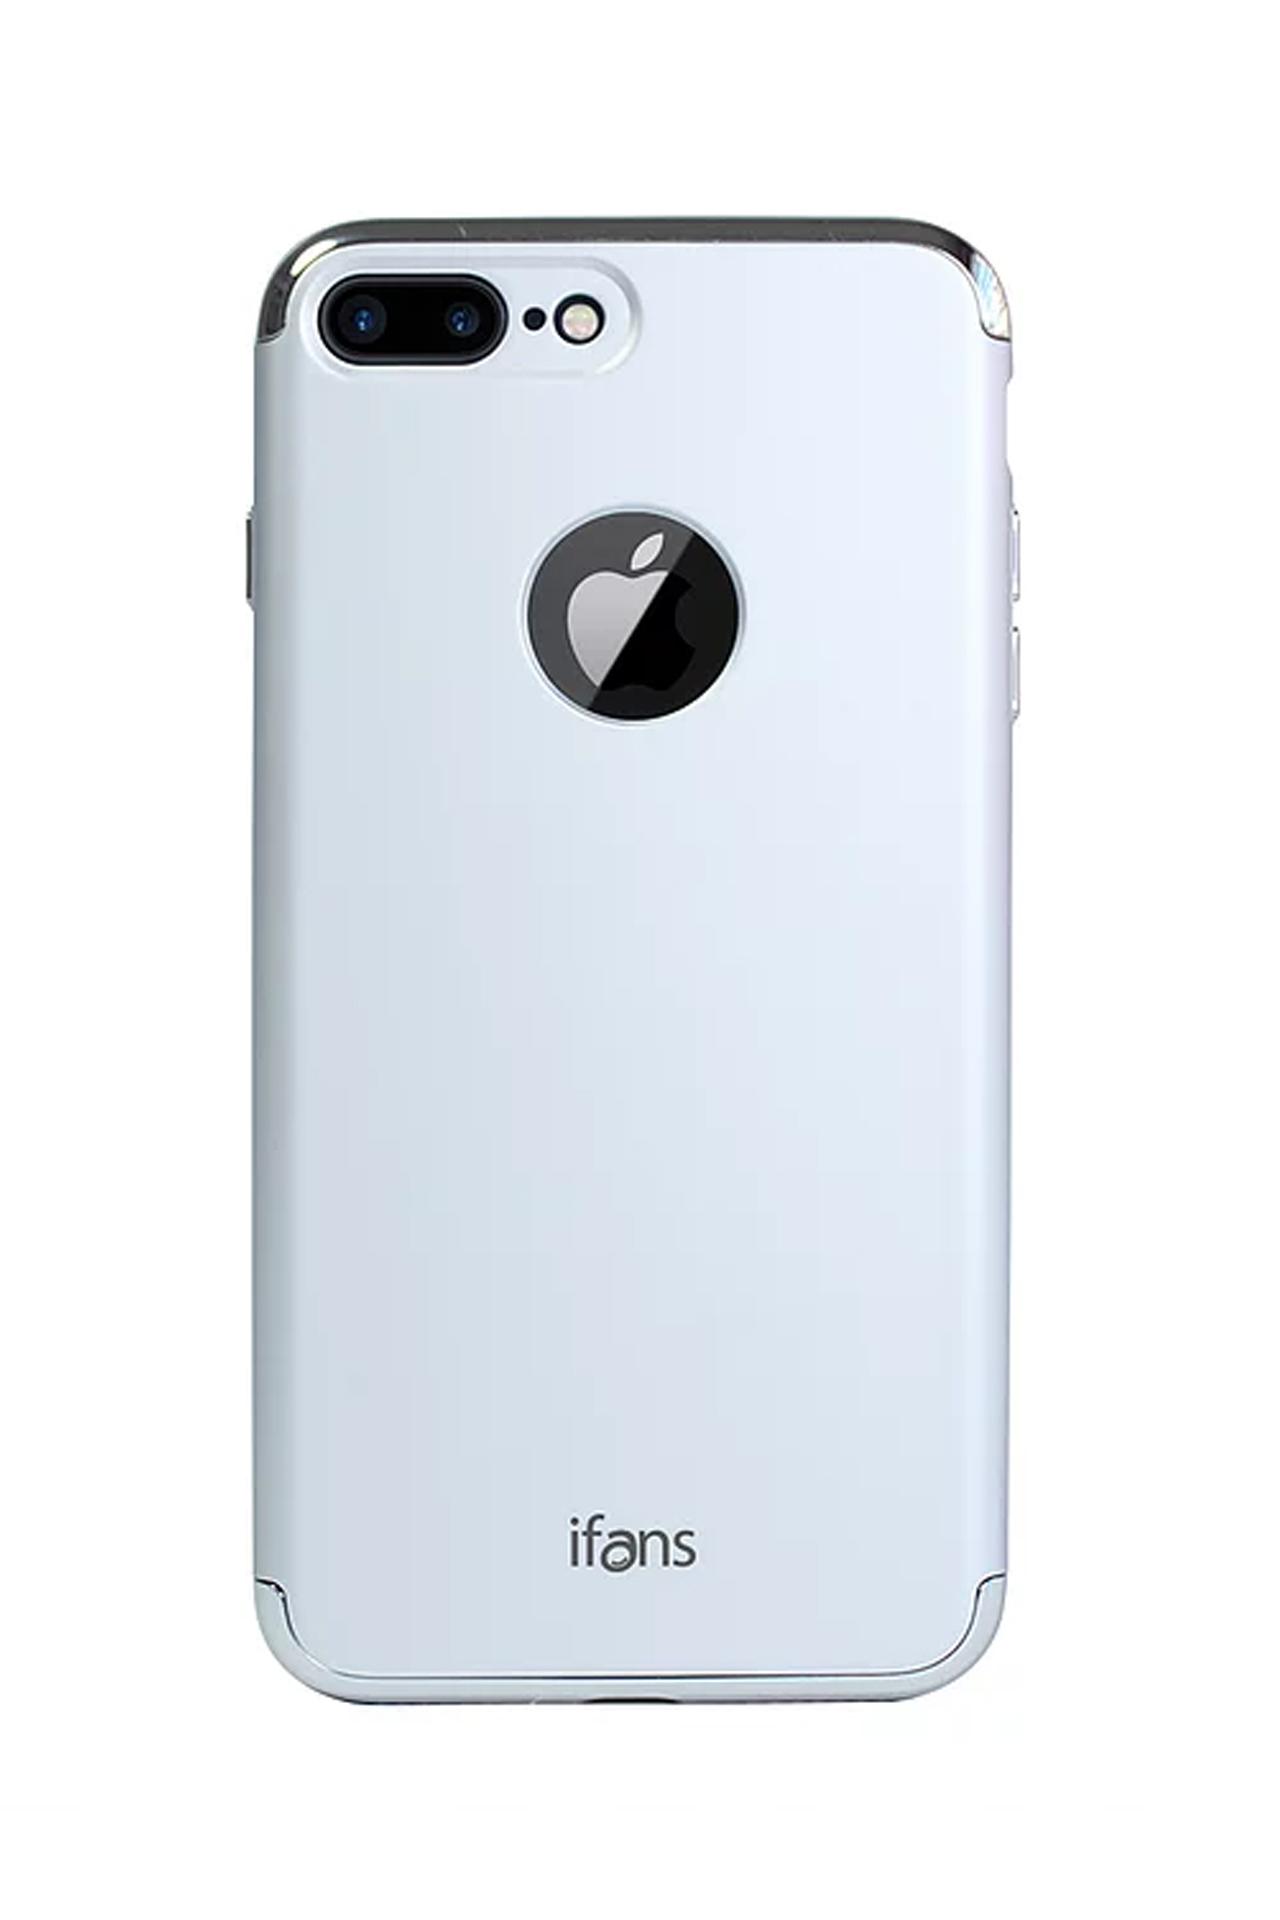 ca39c963fb5 Acrílico 3 partes iPhone 7 Plus – Tecnoland